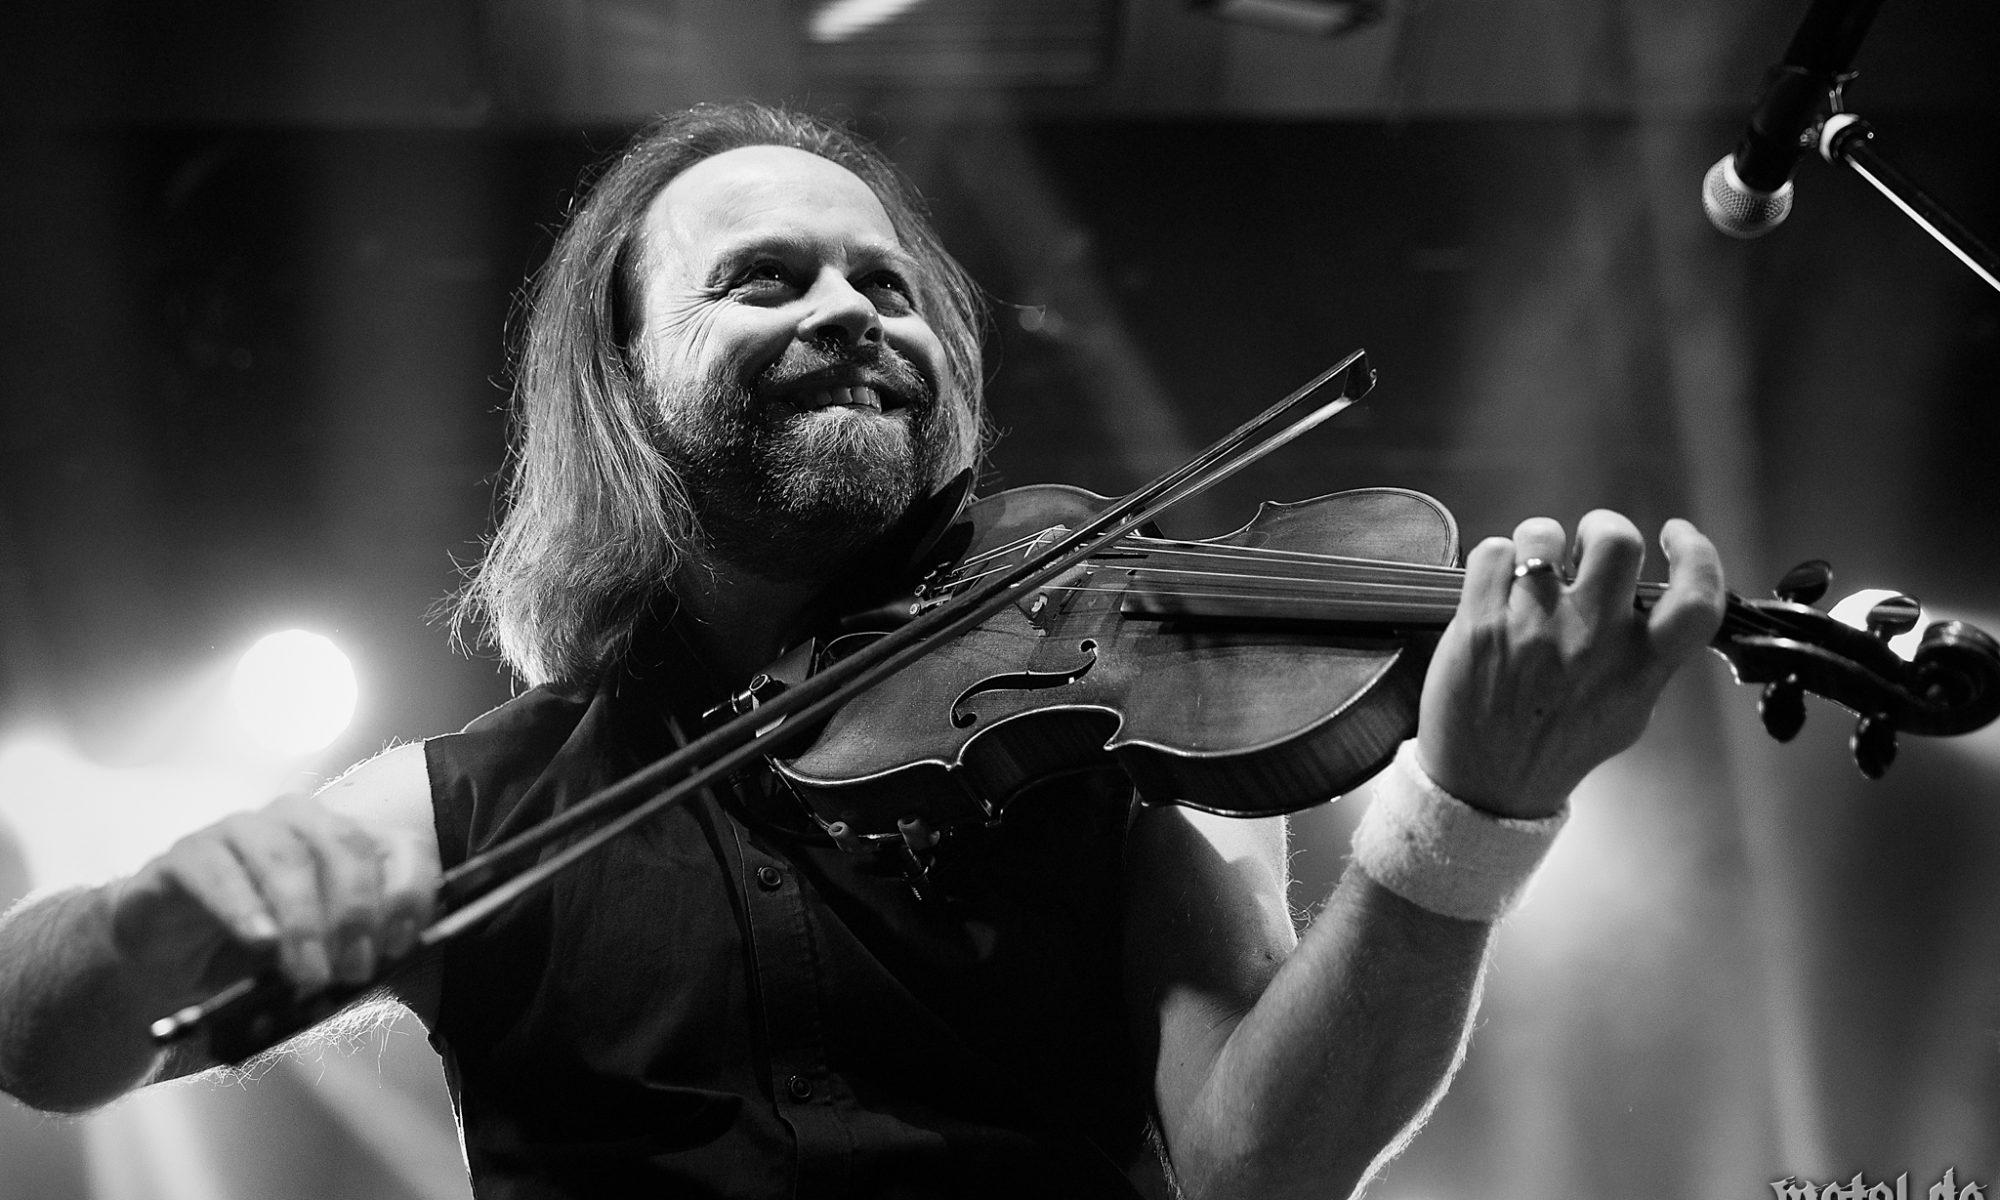 Konzertfoto von Fiddler's Green - Heyday Tour 2019